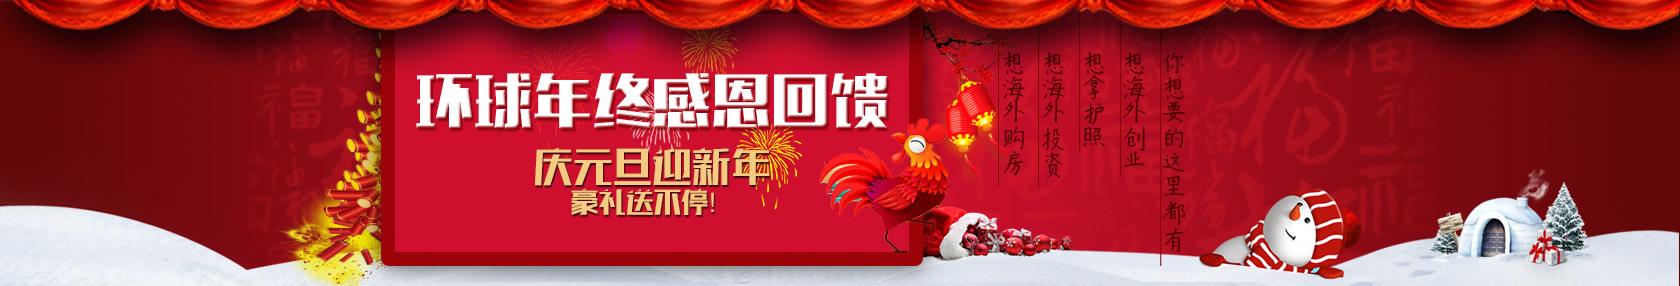 【环球移民】庆元旦迎春节活动,年终感恩回馈